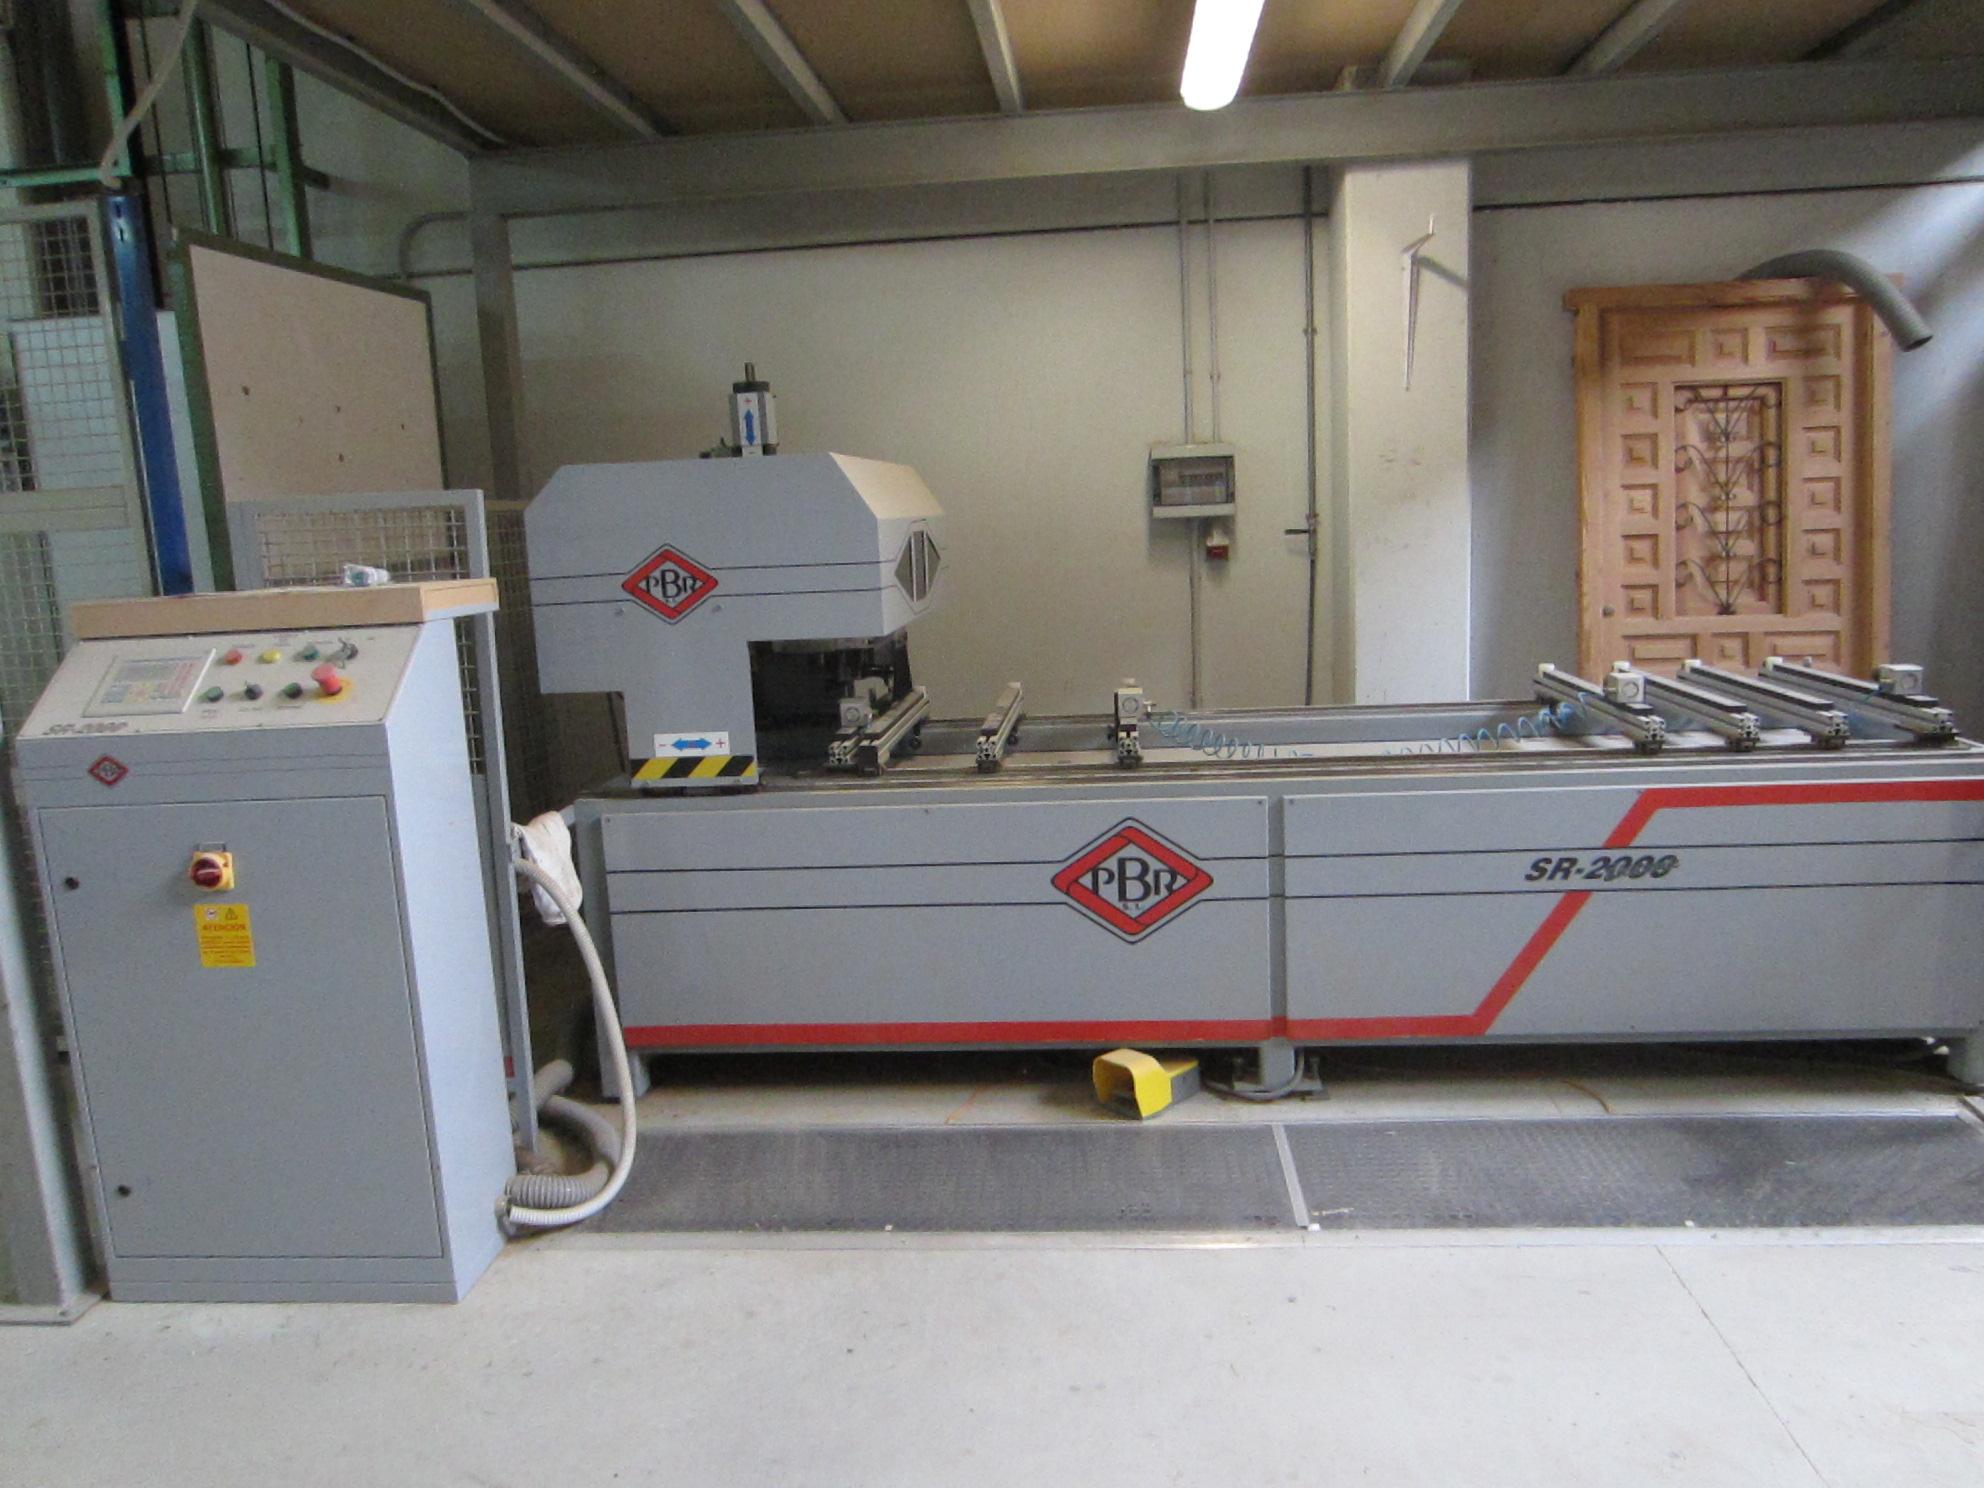 Taladro CNC PBR SR2000 Segunda Mano